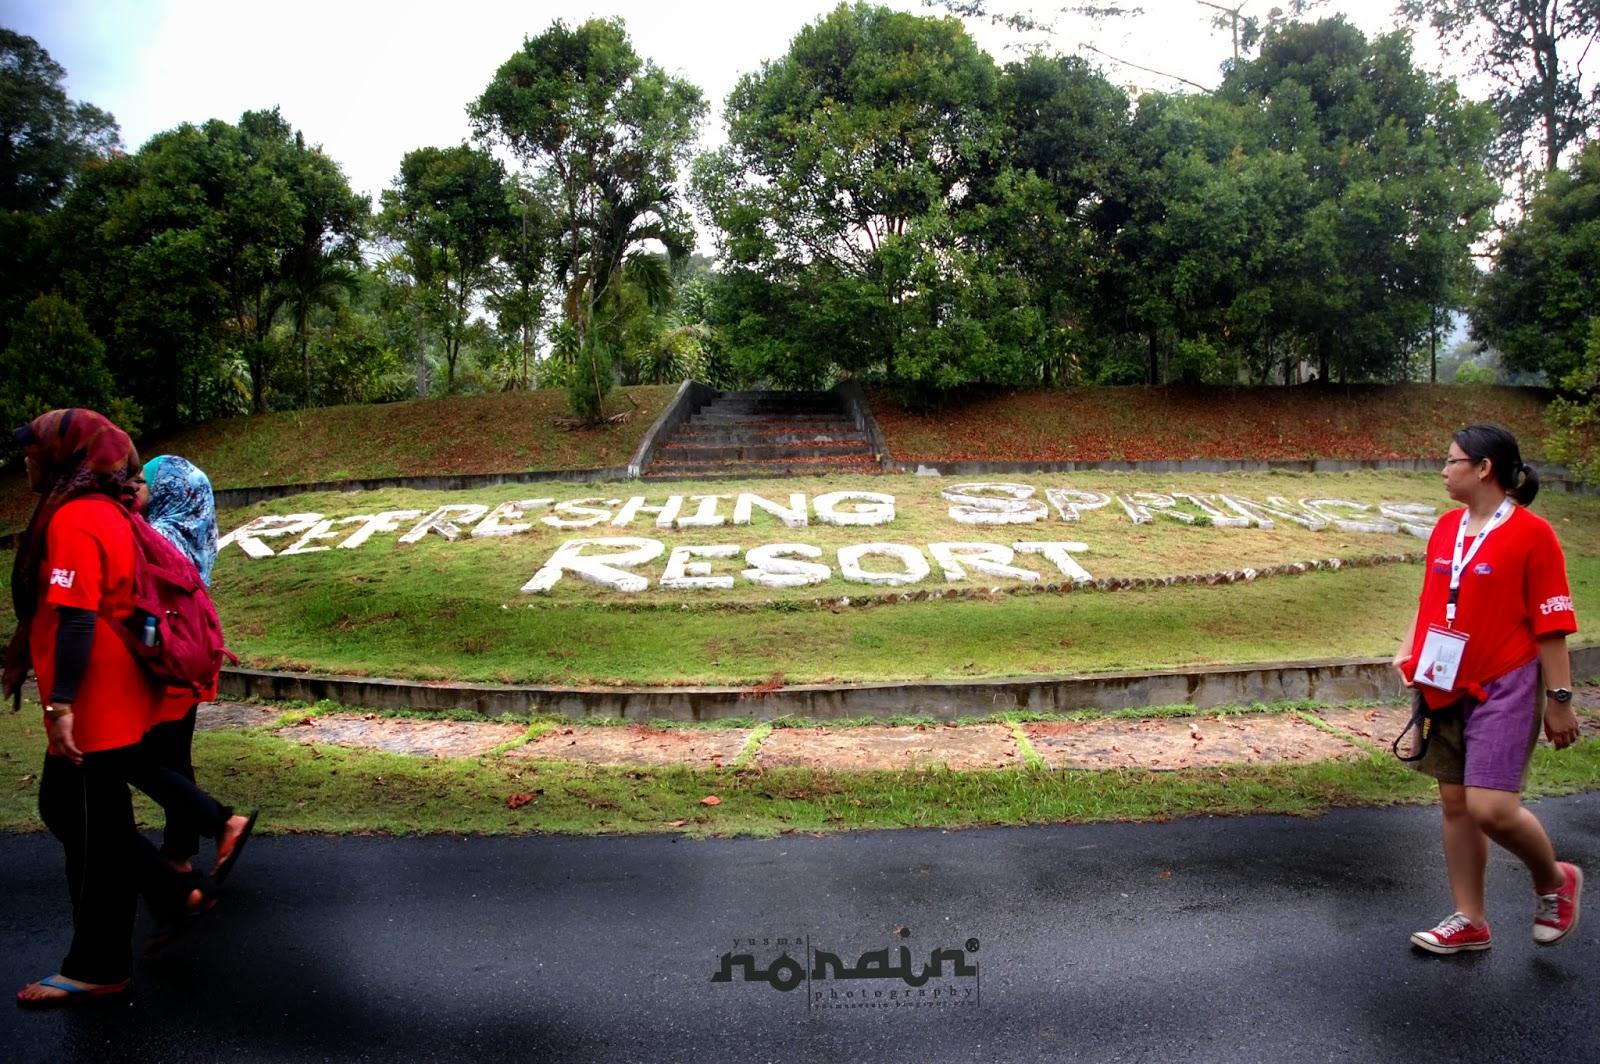 Refreshing Springs Resort Dibina Dalam Kebun Buah-Buahan Tropika